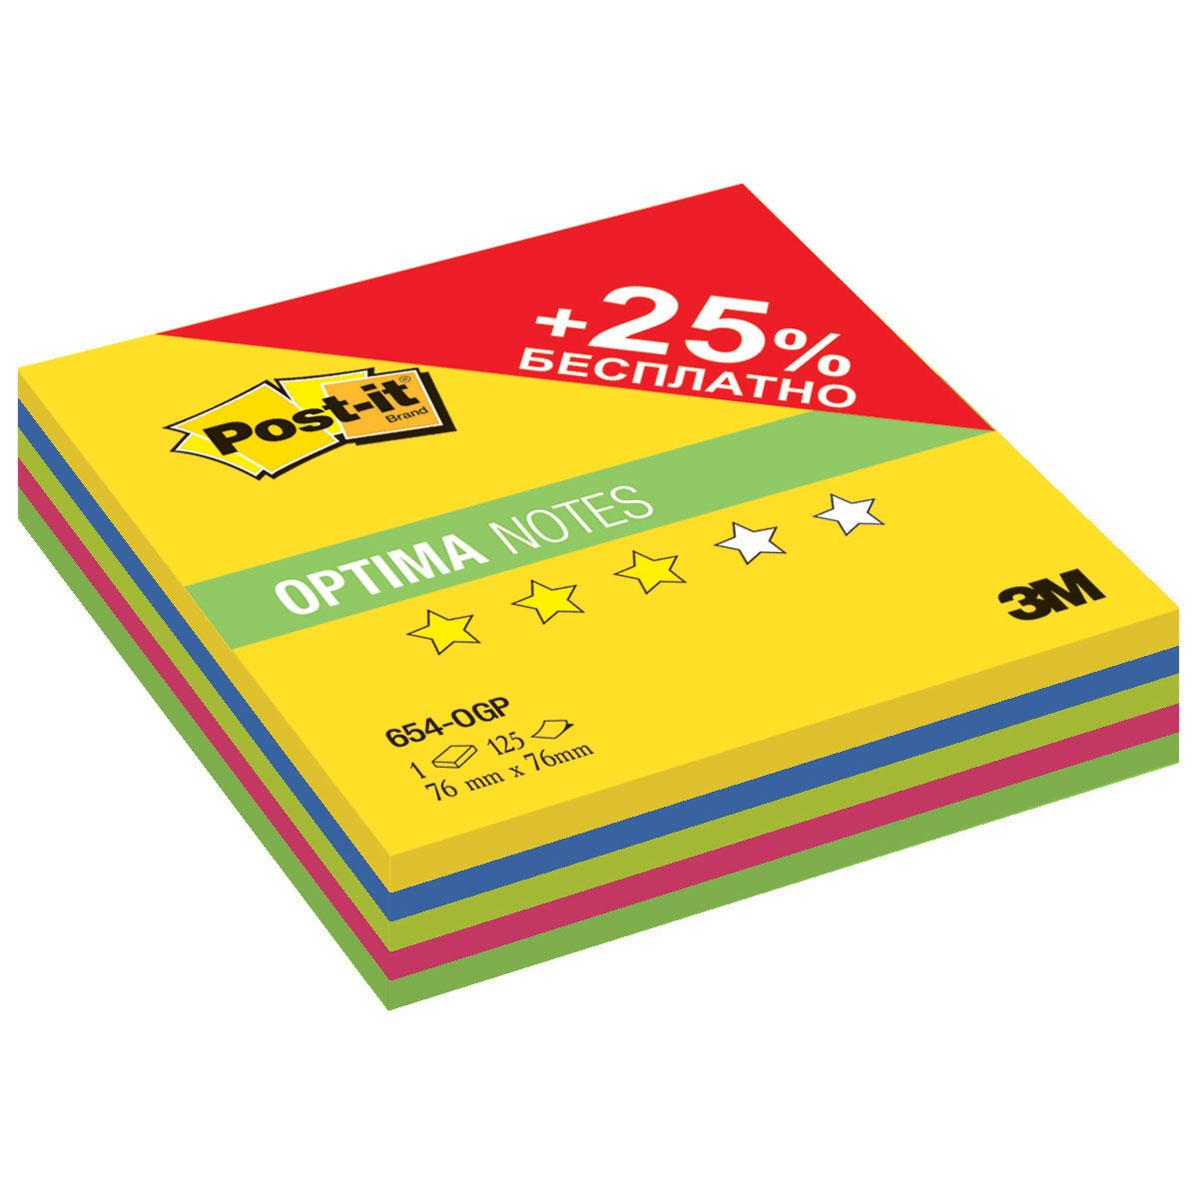 Post-it Бумага для заметок с липким слоем 125 листов 654-OGP0703415Бумага для заметок Post-it - эффективный офисный инструмент, позволяющий рационально организовать работу, используя разнообразные цвета для обозначения дел разной важности.Листы выполнены из цветной бумаги с клеевым краем. Их можно наклеивать на любую гладкую поверхность, не опасаясь оставить след от клея. Клеевой слой не высыхает и выдерживает многократное приклеивание к большинству поверхностей.Блок включает 125 листов пяти различных цветов.